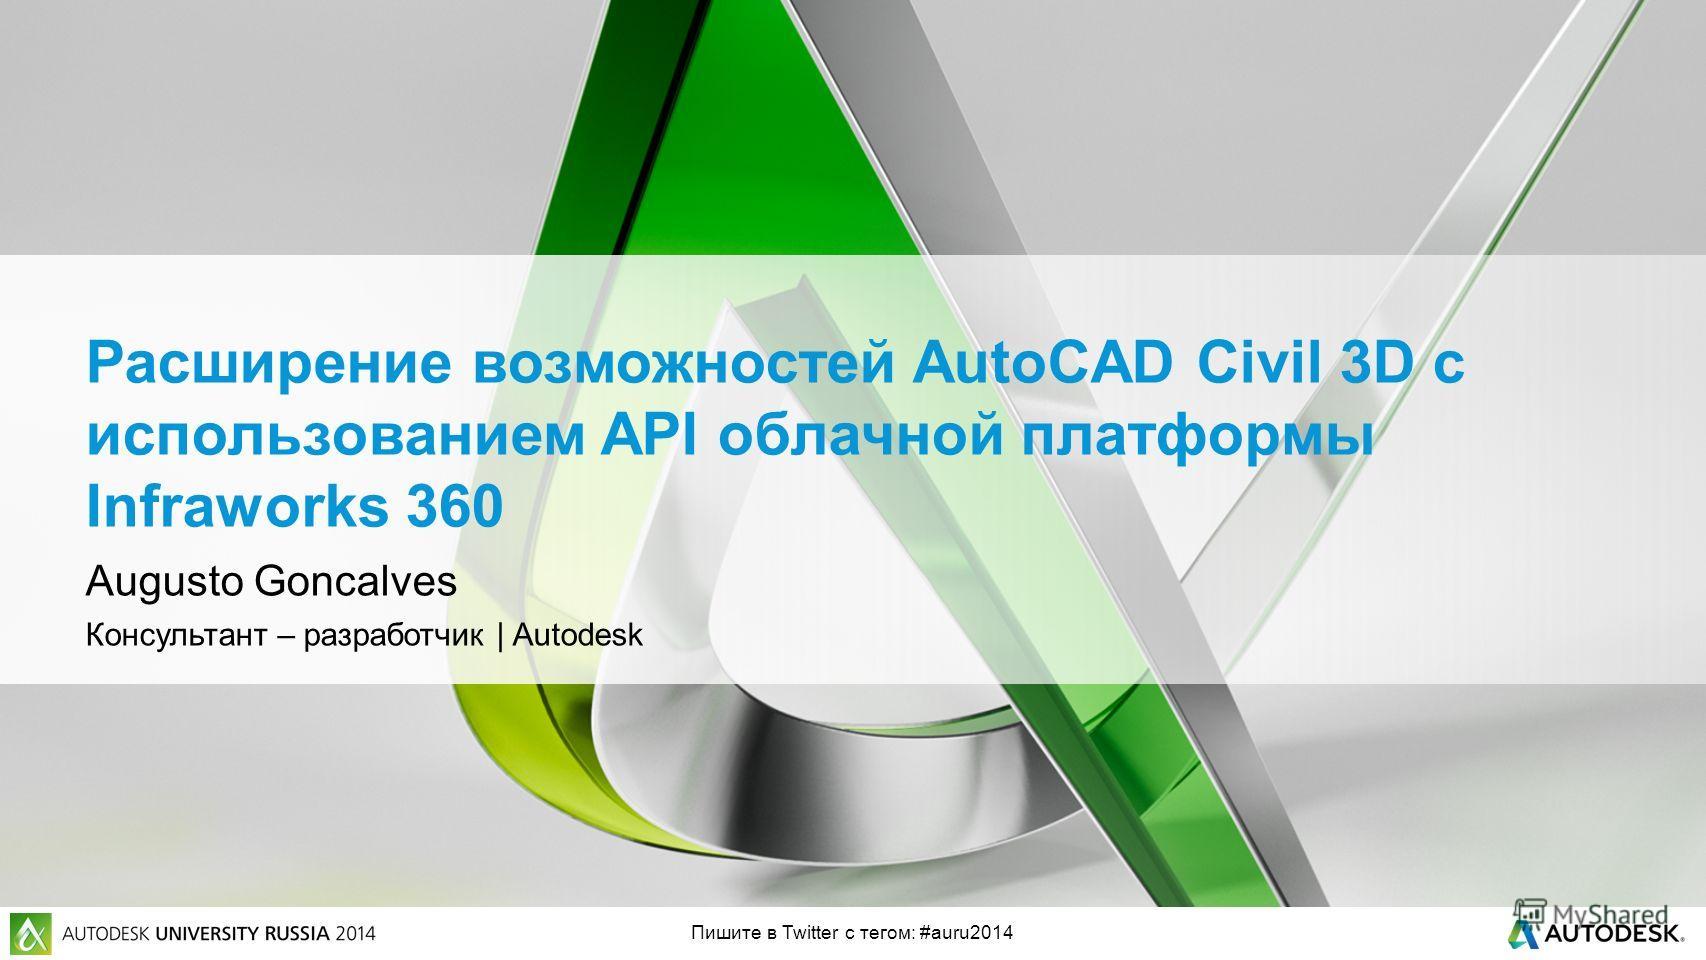 Пишите в Twitter с тегом: #auru2014 Расширение возможностей AutoCAD Civil 3D с использованием API облачной платформы Infraworks 360 Augusto Goncalves Консультант – разработчик | Autodesk